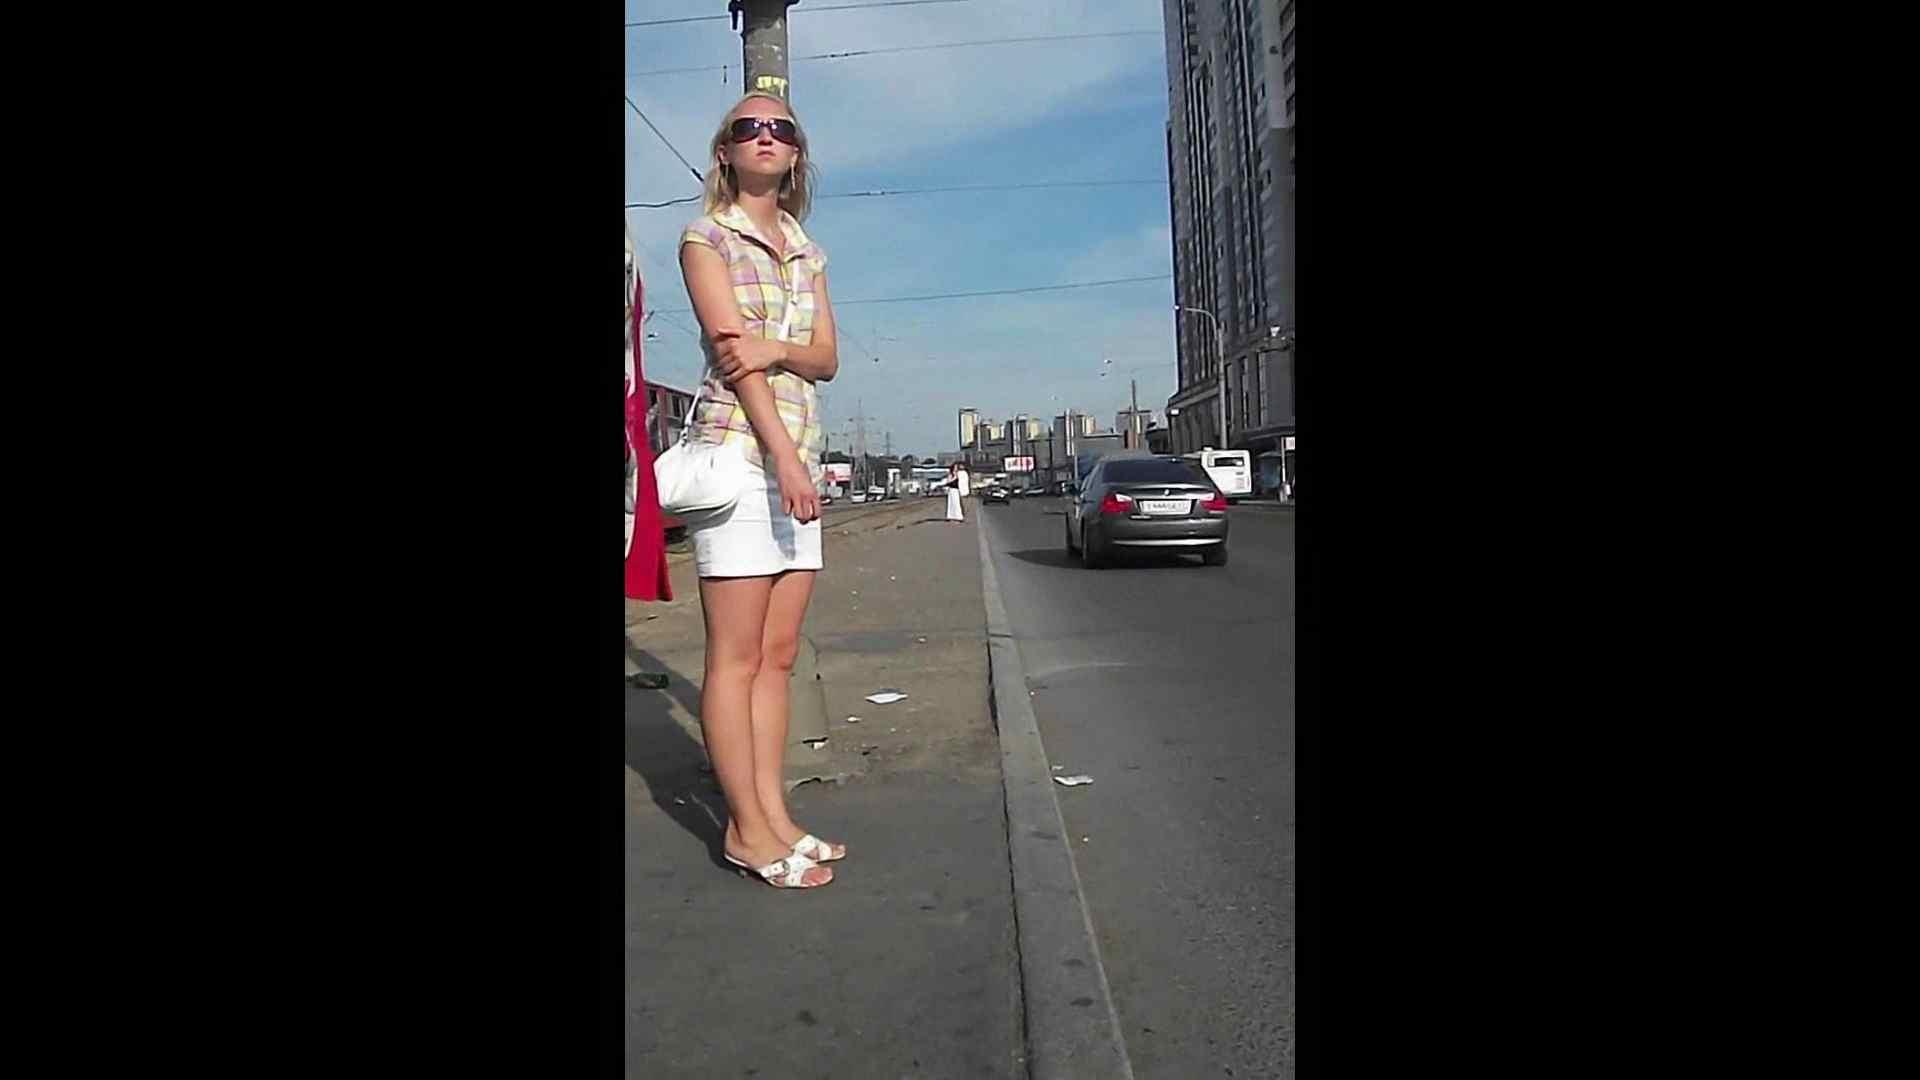 綺麗なモデルさんのスカート捲っちゃおう‼vol05 OLセックス  59画像 4